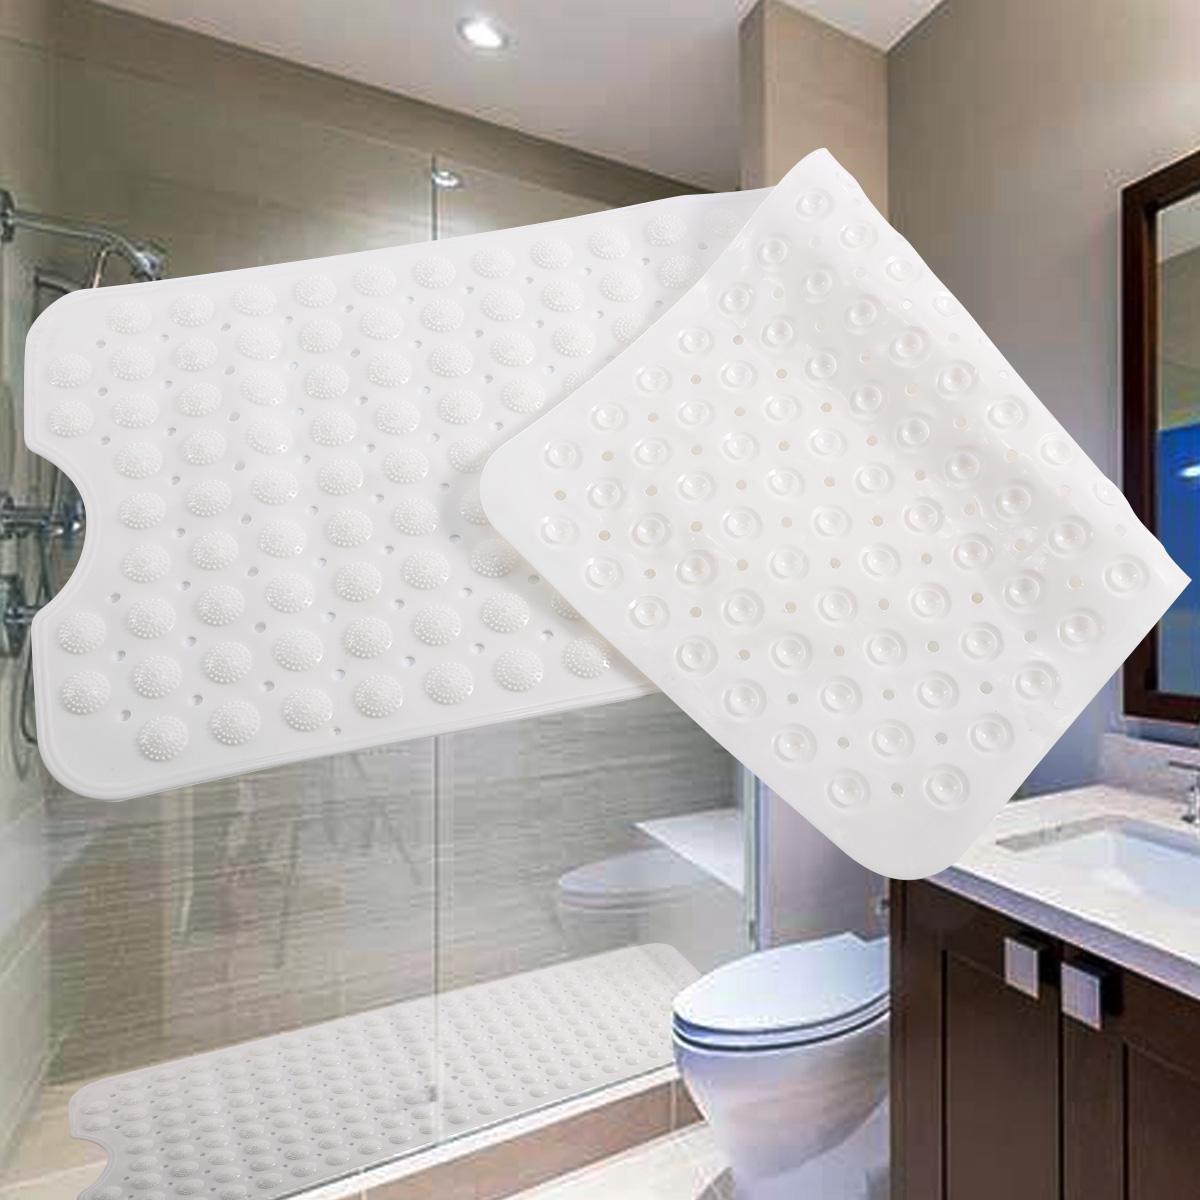 Alfombra antideslizante rectangular con ventosas para ba o for Ventosas para bano